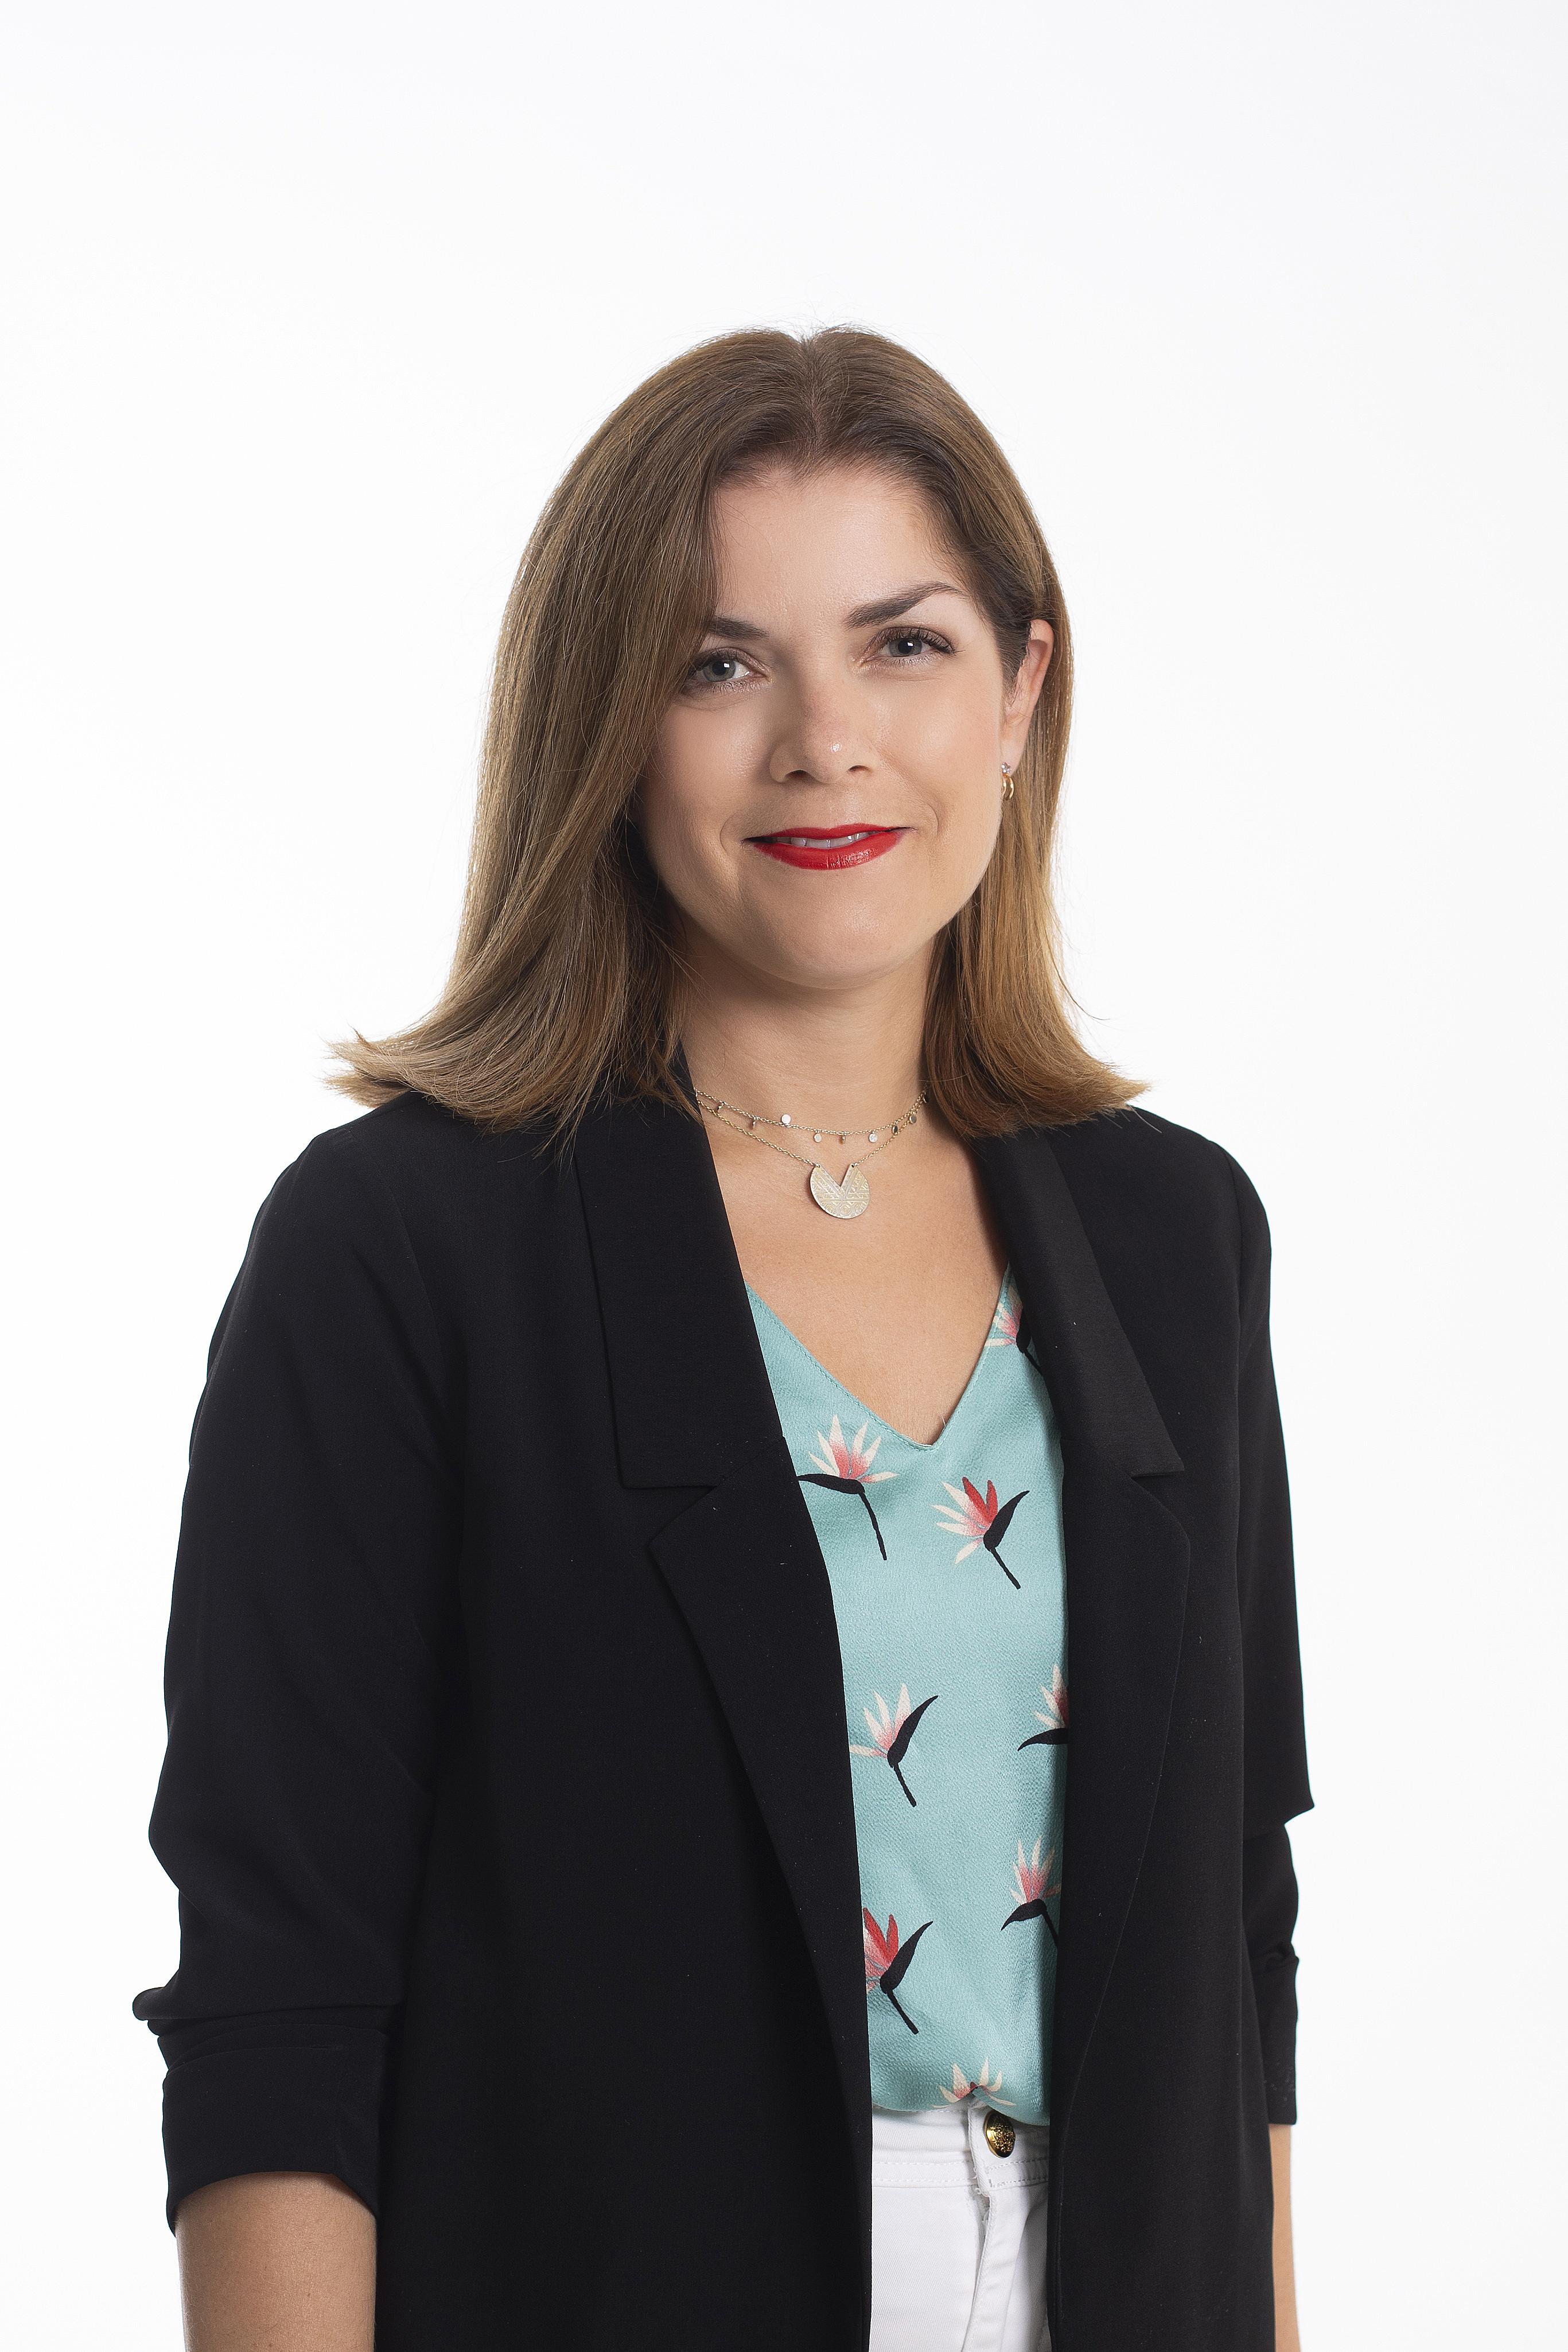 Maria Dolores Palazón